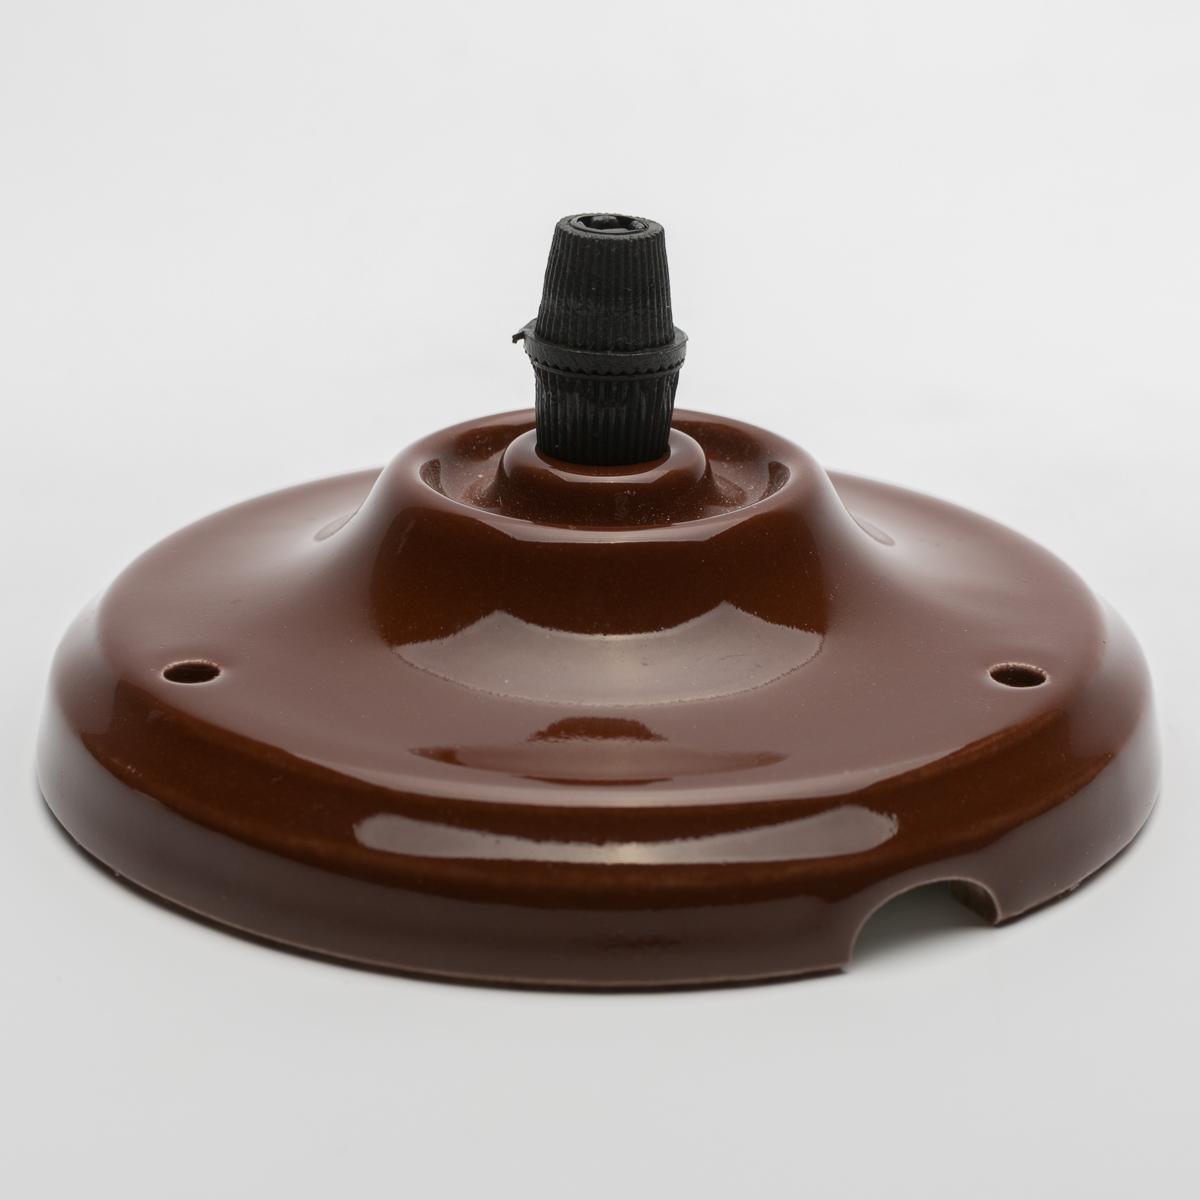 Потолочный крепеж керамический коричневый